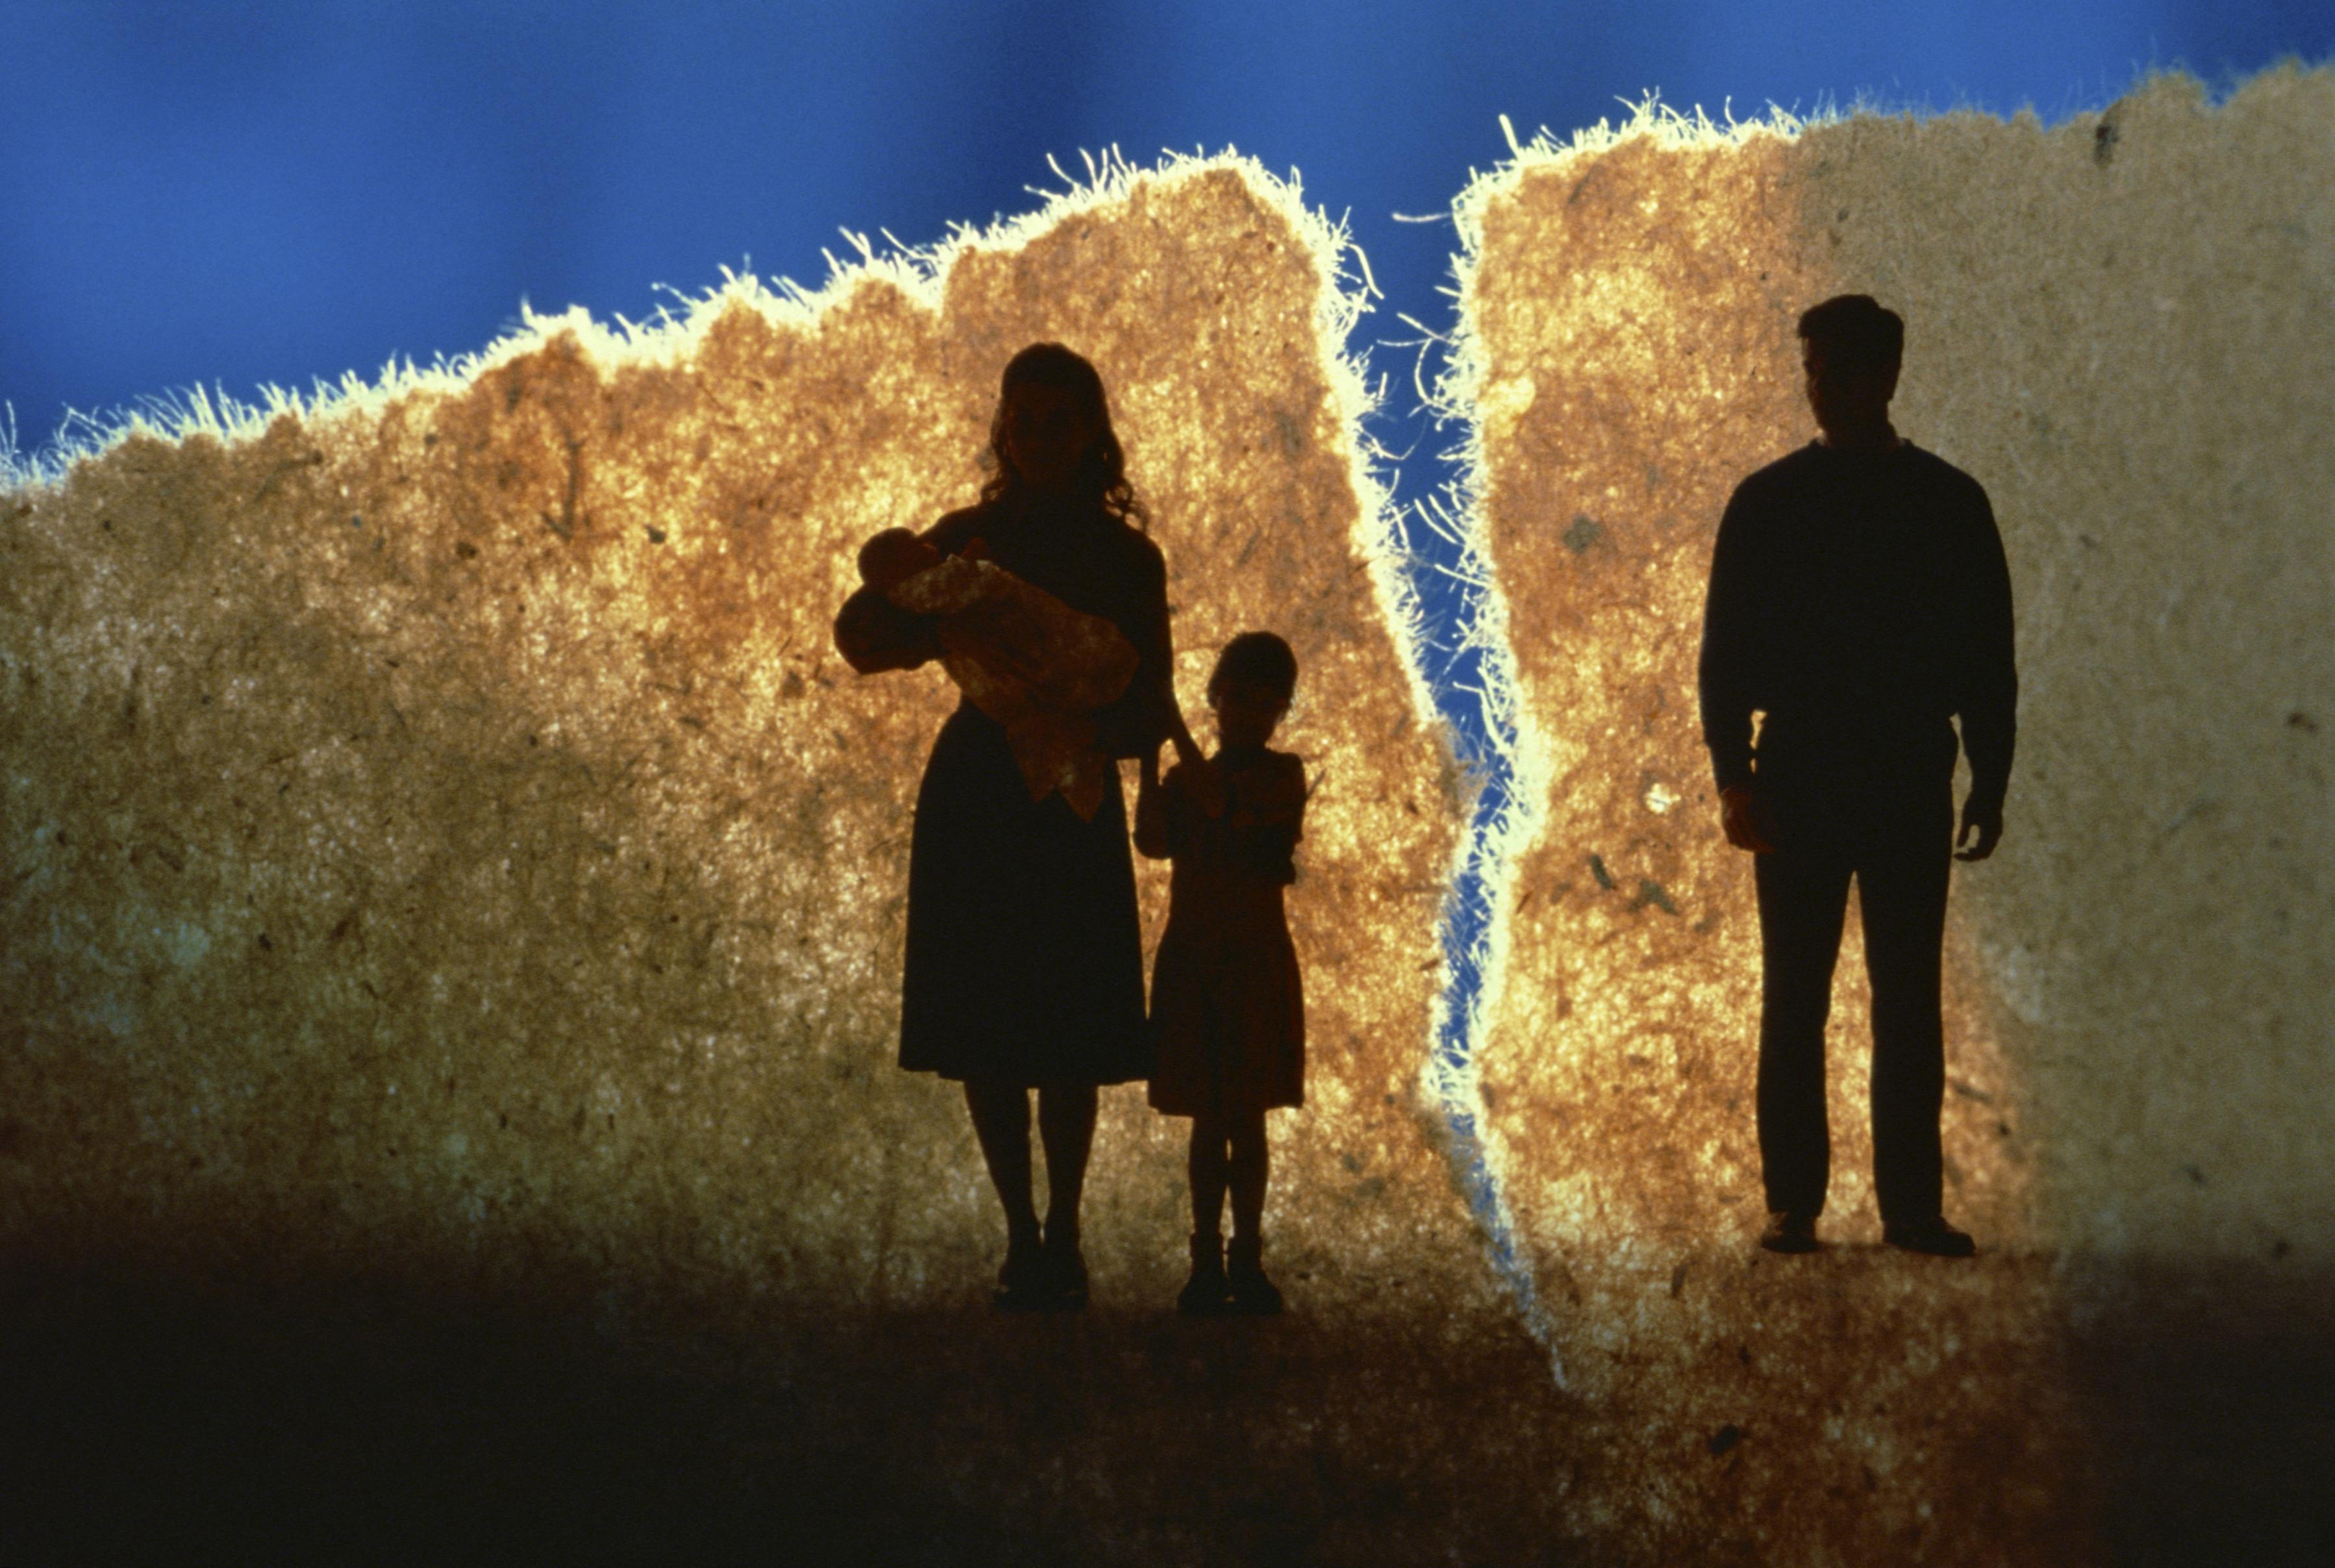 Статистика: разводов и смертей в Кишиневе стало больше, чем свадеб и рожденных